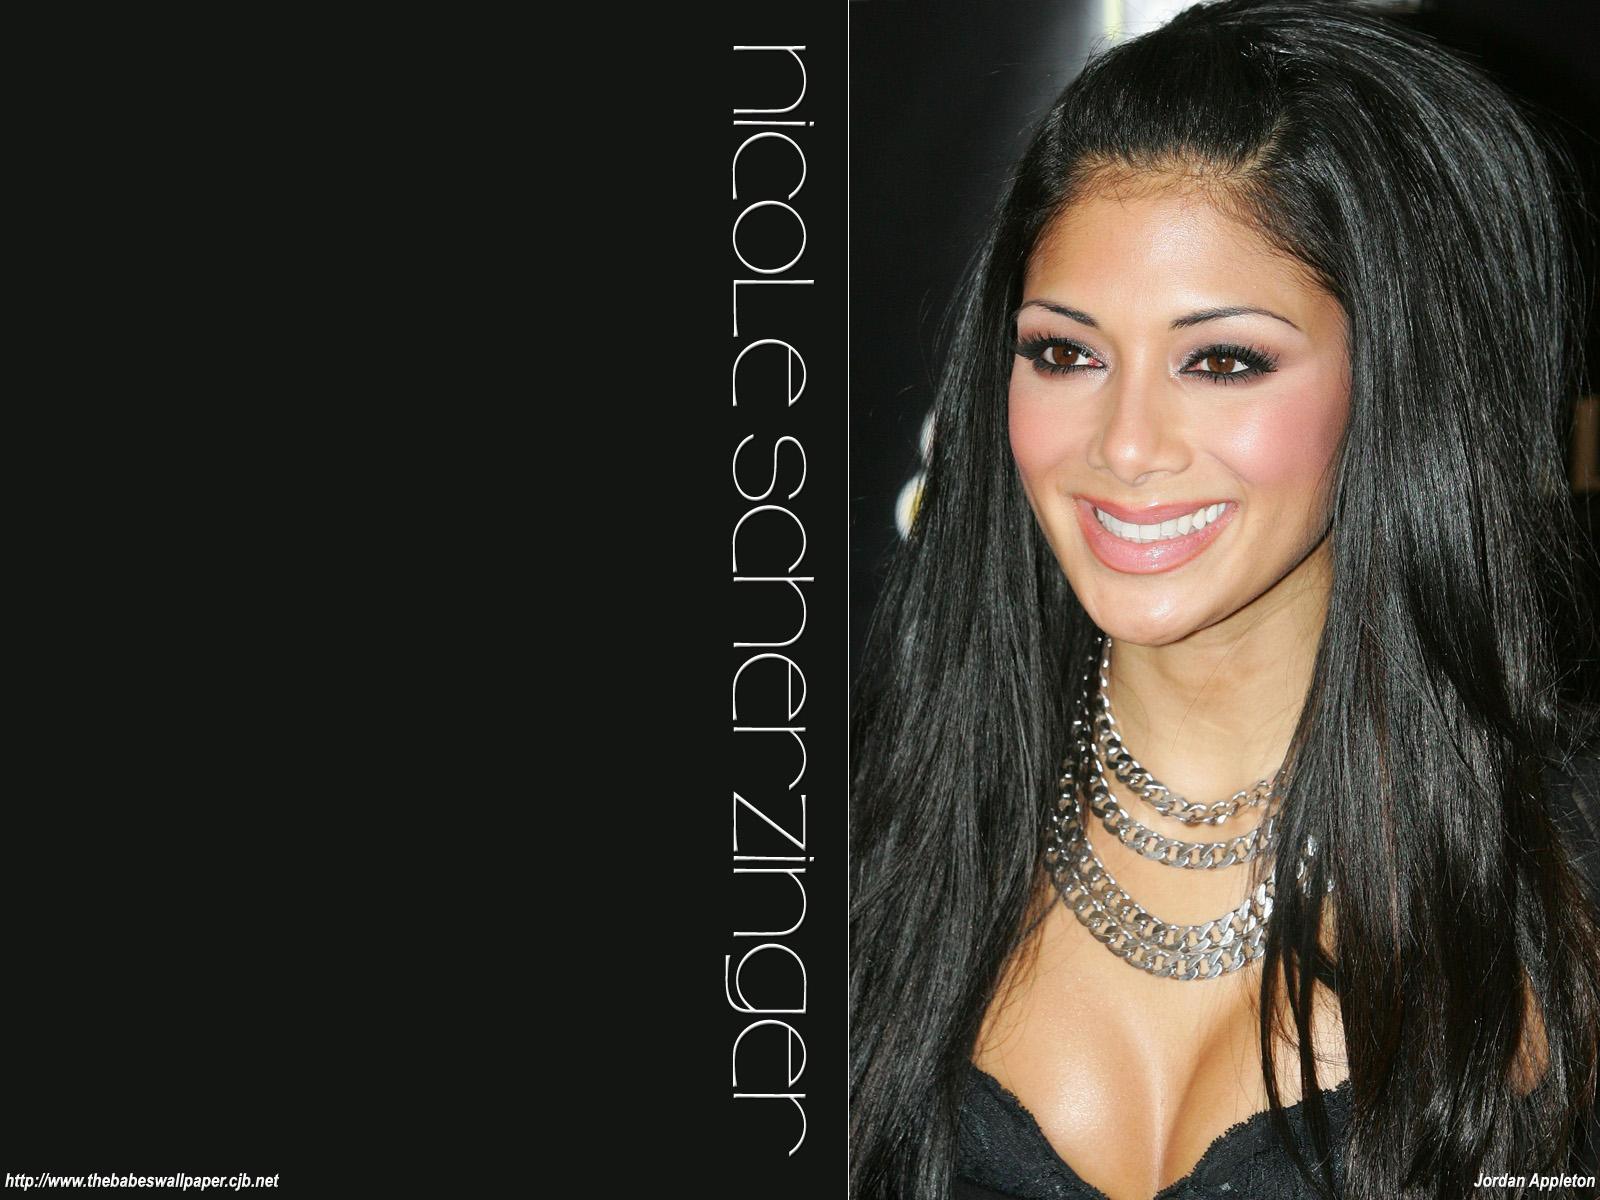 http://2.bp.blogspot.com/-hogrQVE6-XE/Tc6VY1o5sAI/AAAAAAAABmg/o4BOqWtaMG0/s1600/nicole_scherzinger_4.jpg